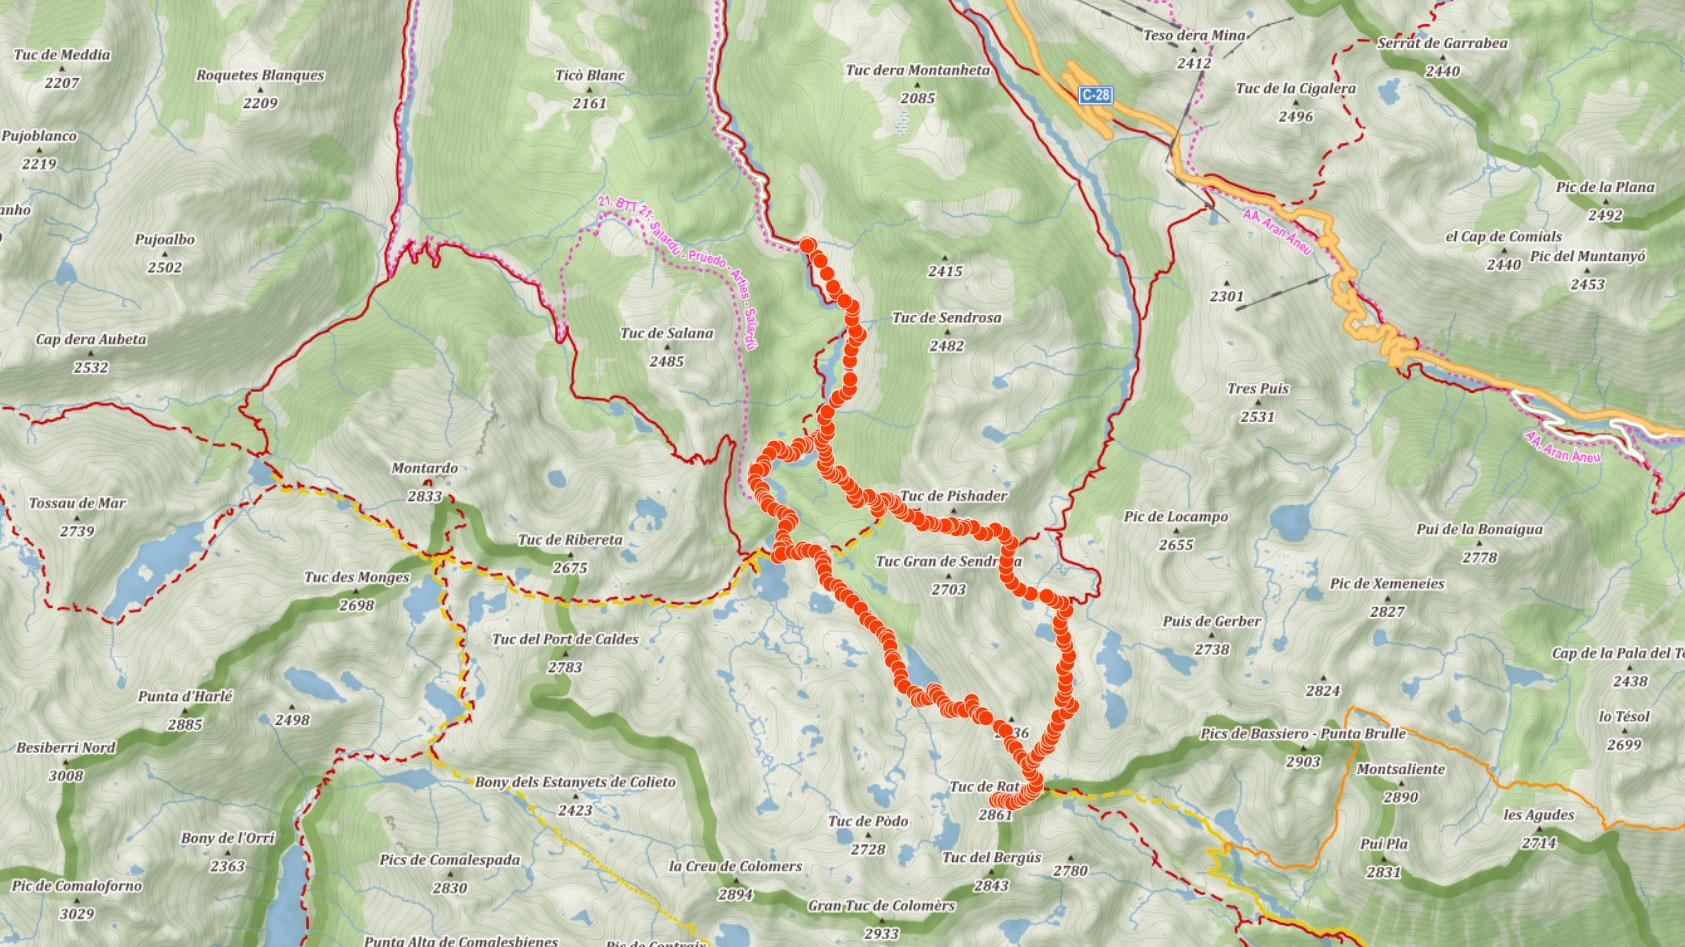 Popisovaná okružní trasa ve španělských Pyrenejích s výstupem na Tuc de Ratera